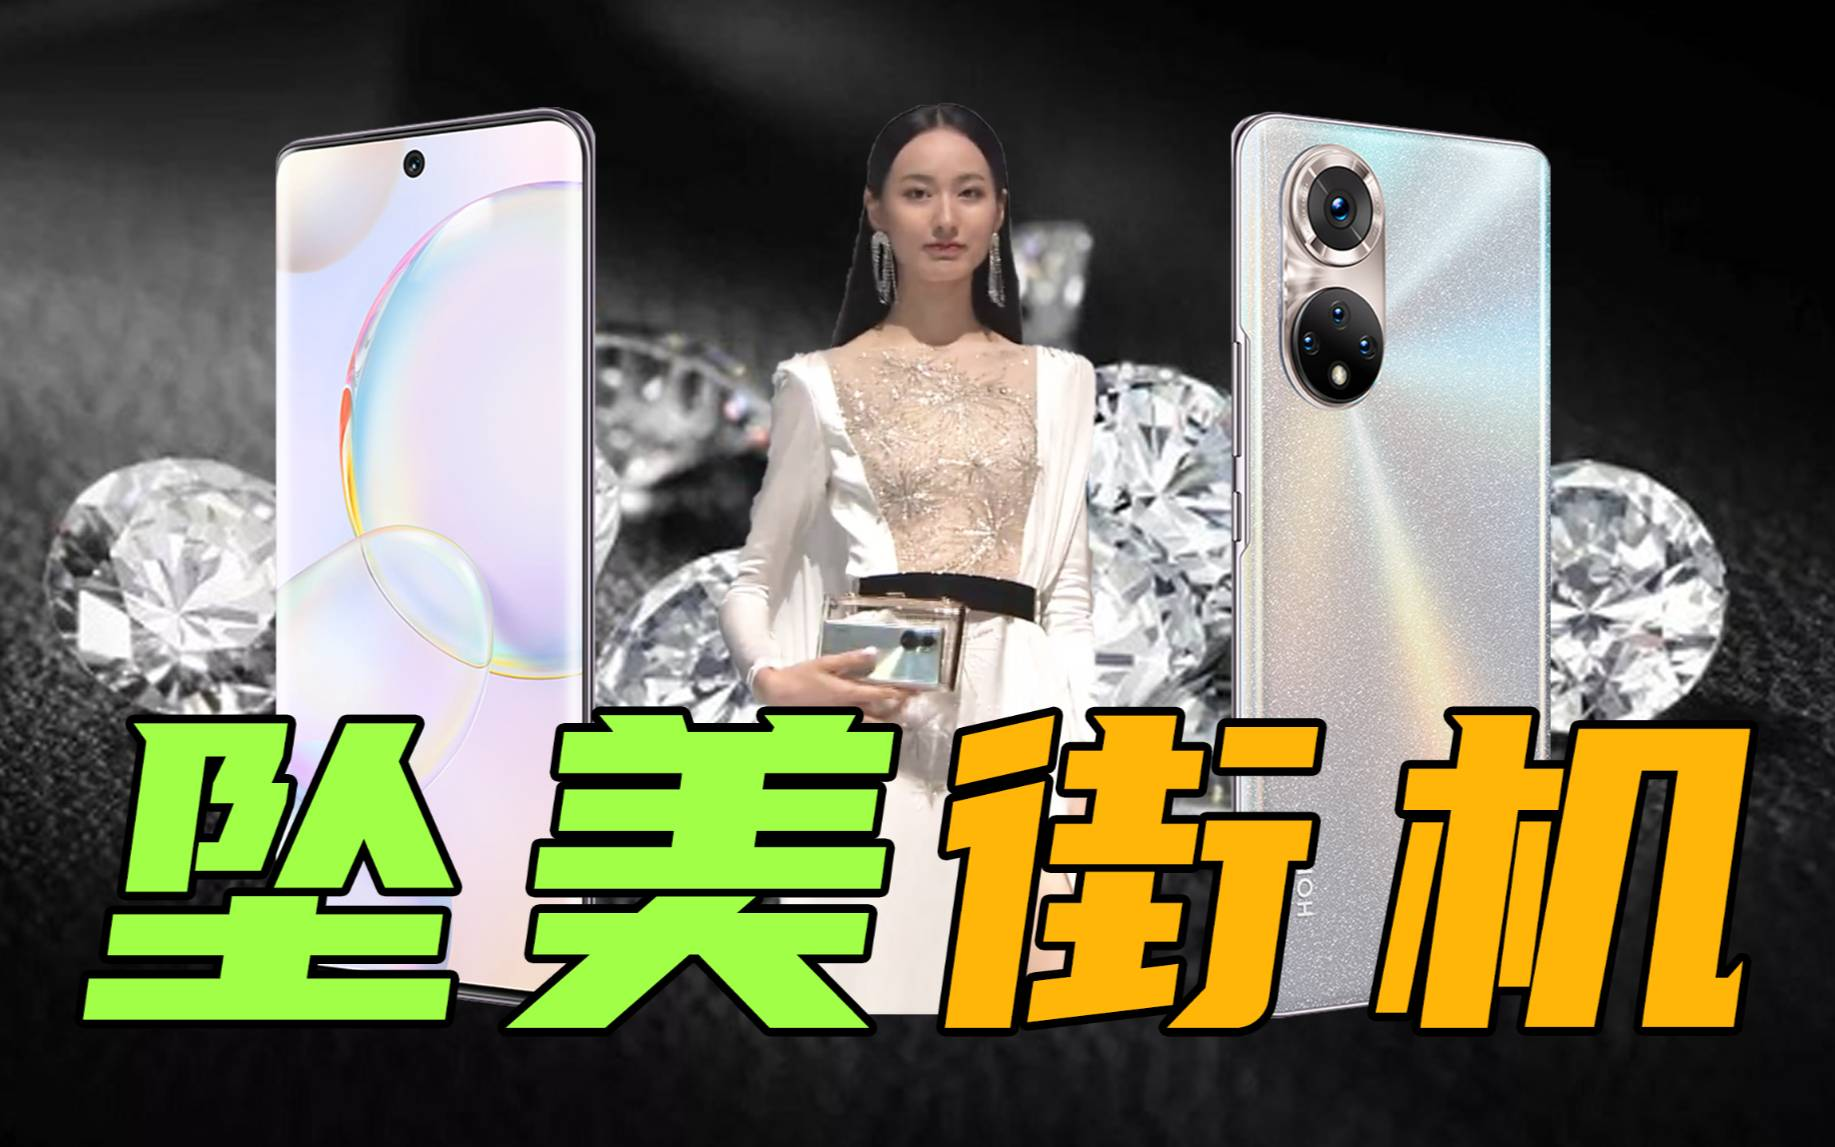 【短的发布会】手机发布会转行卖服装?荣耀50的秘密首发骁龙778